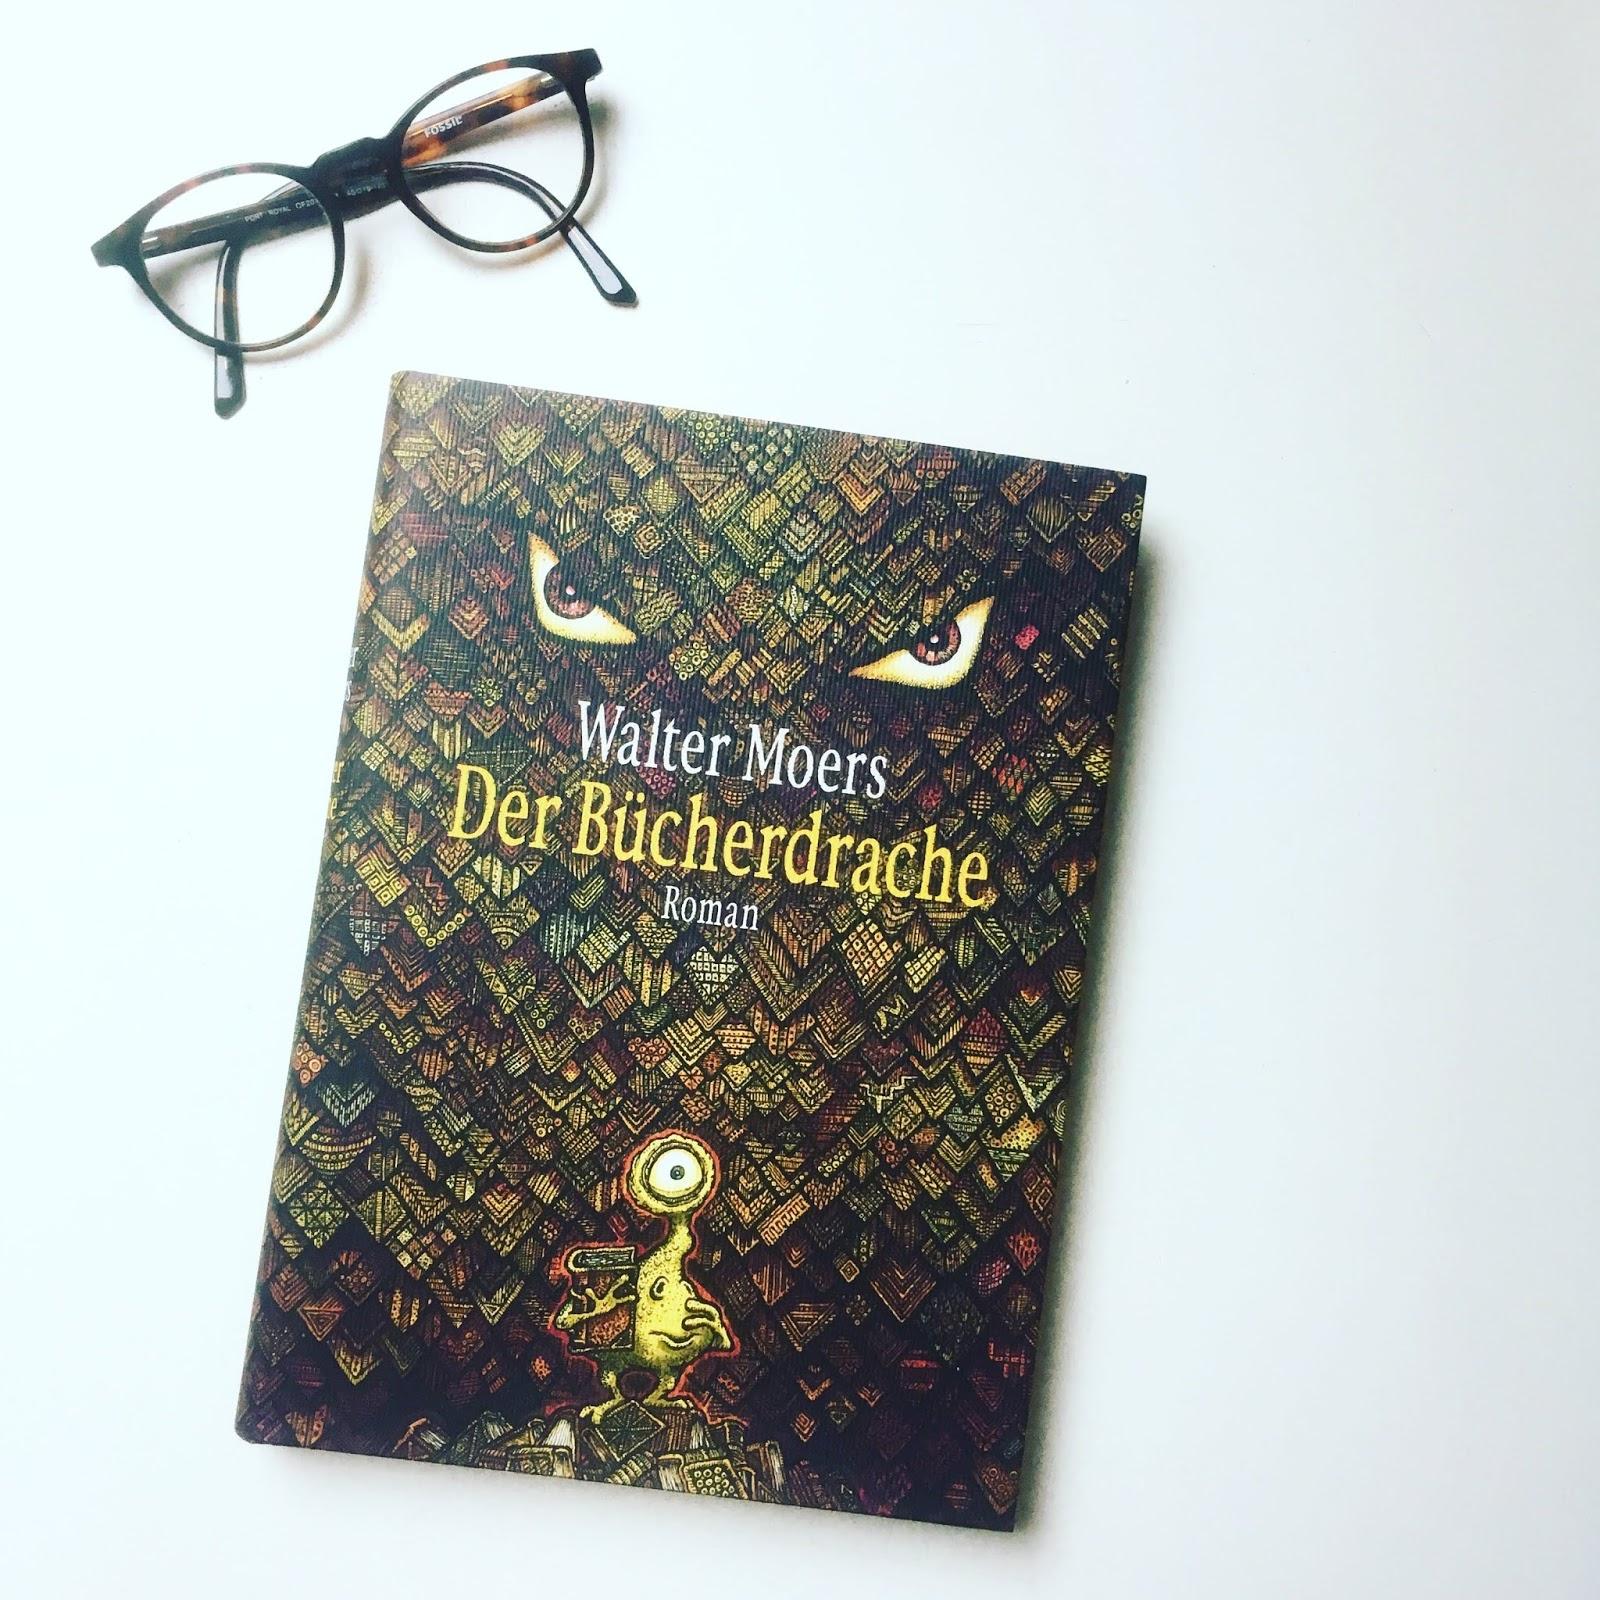 Leselust Bücher Der Bücherdrache Walter Moers Rezension